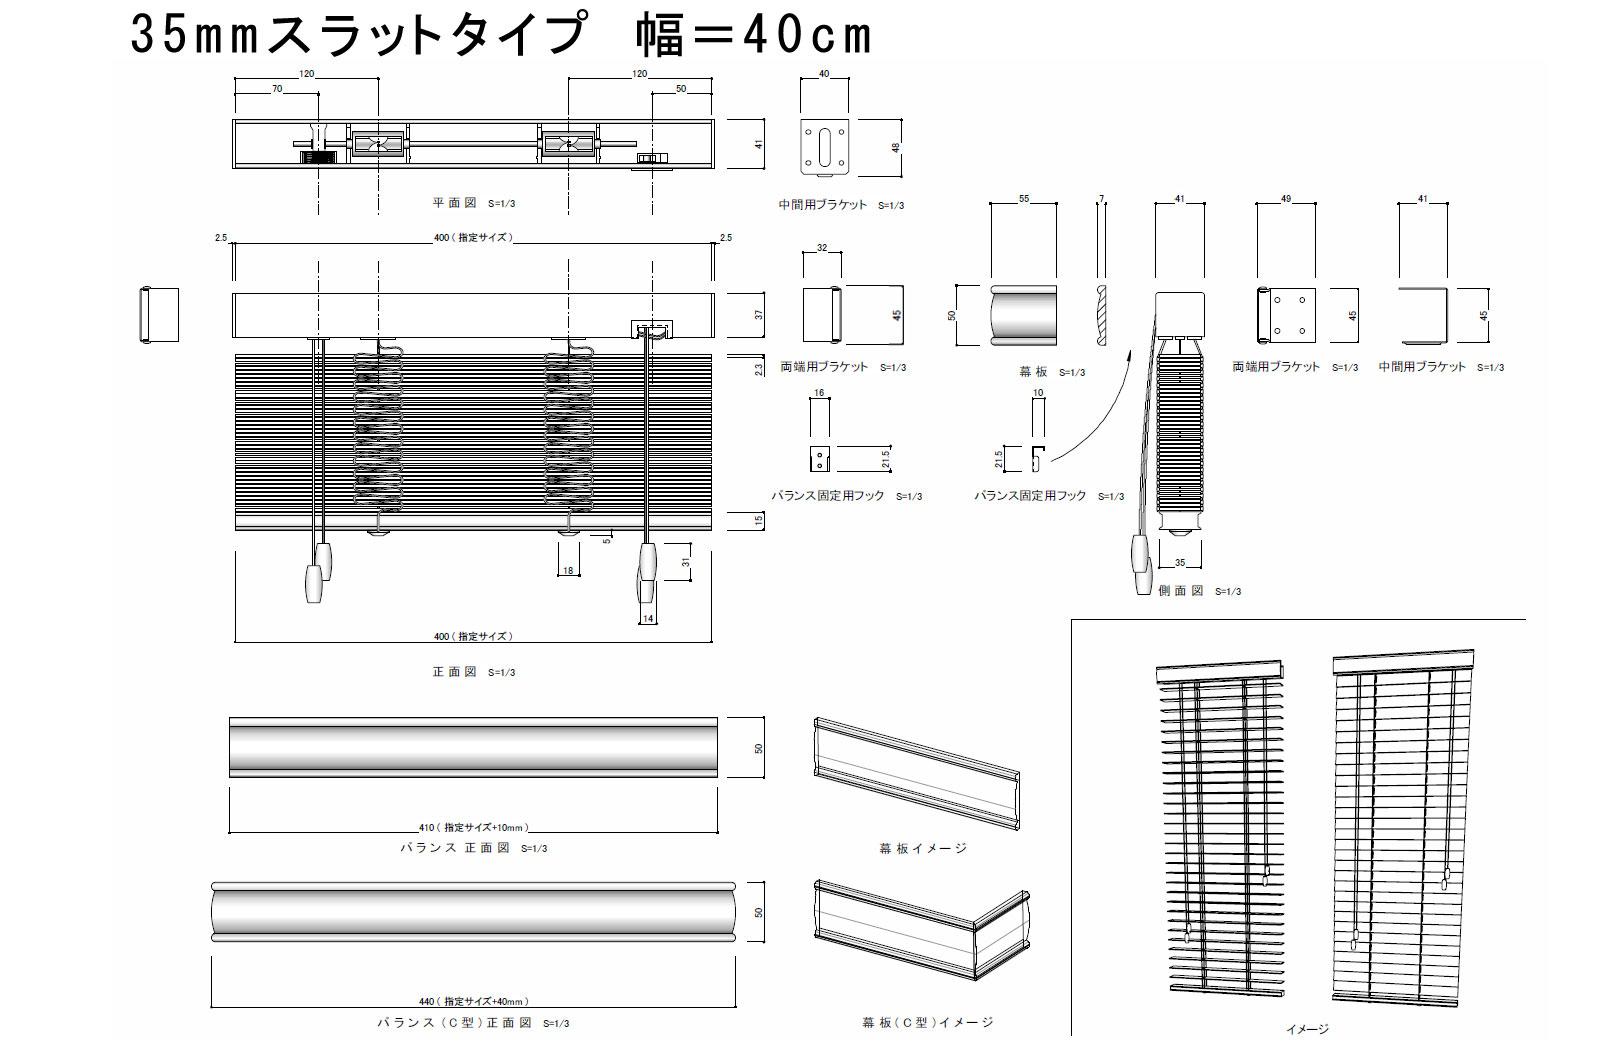 35mmスラット幅の寸法